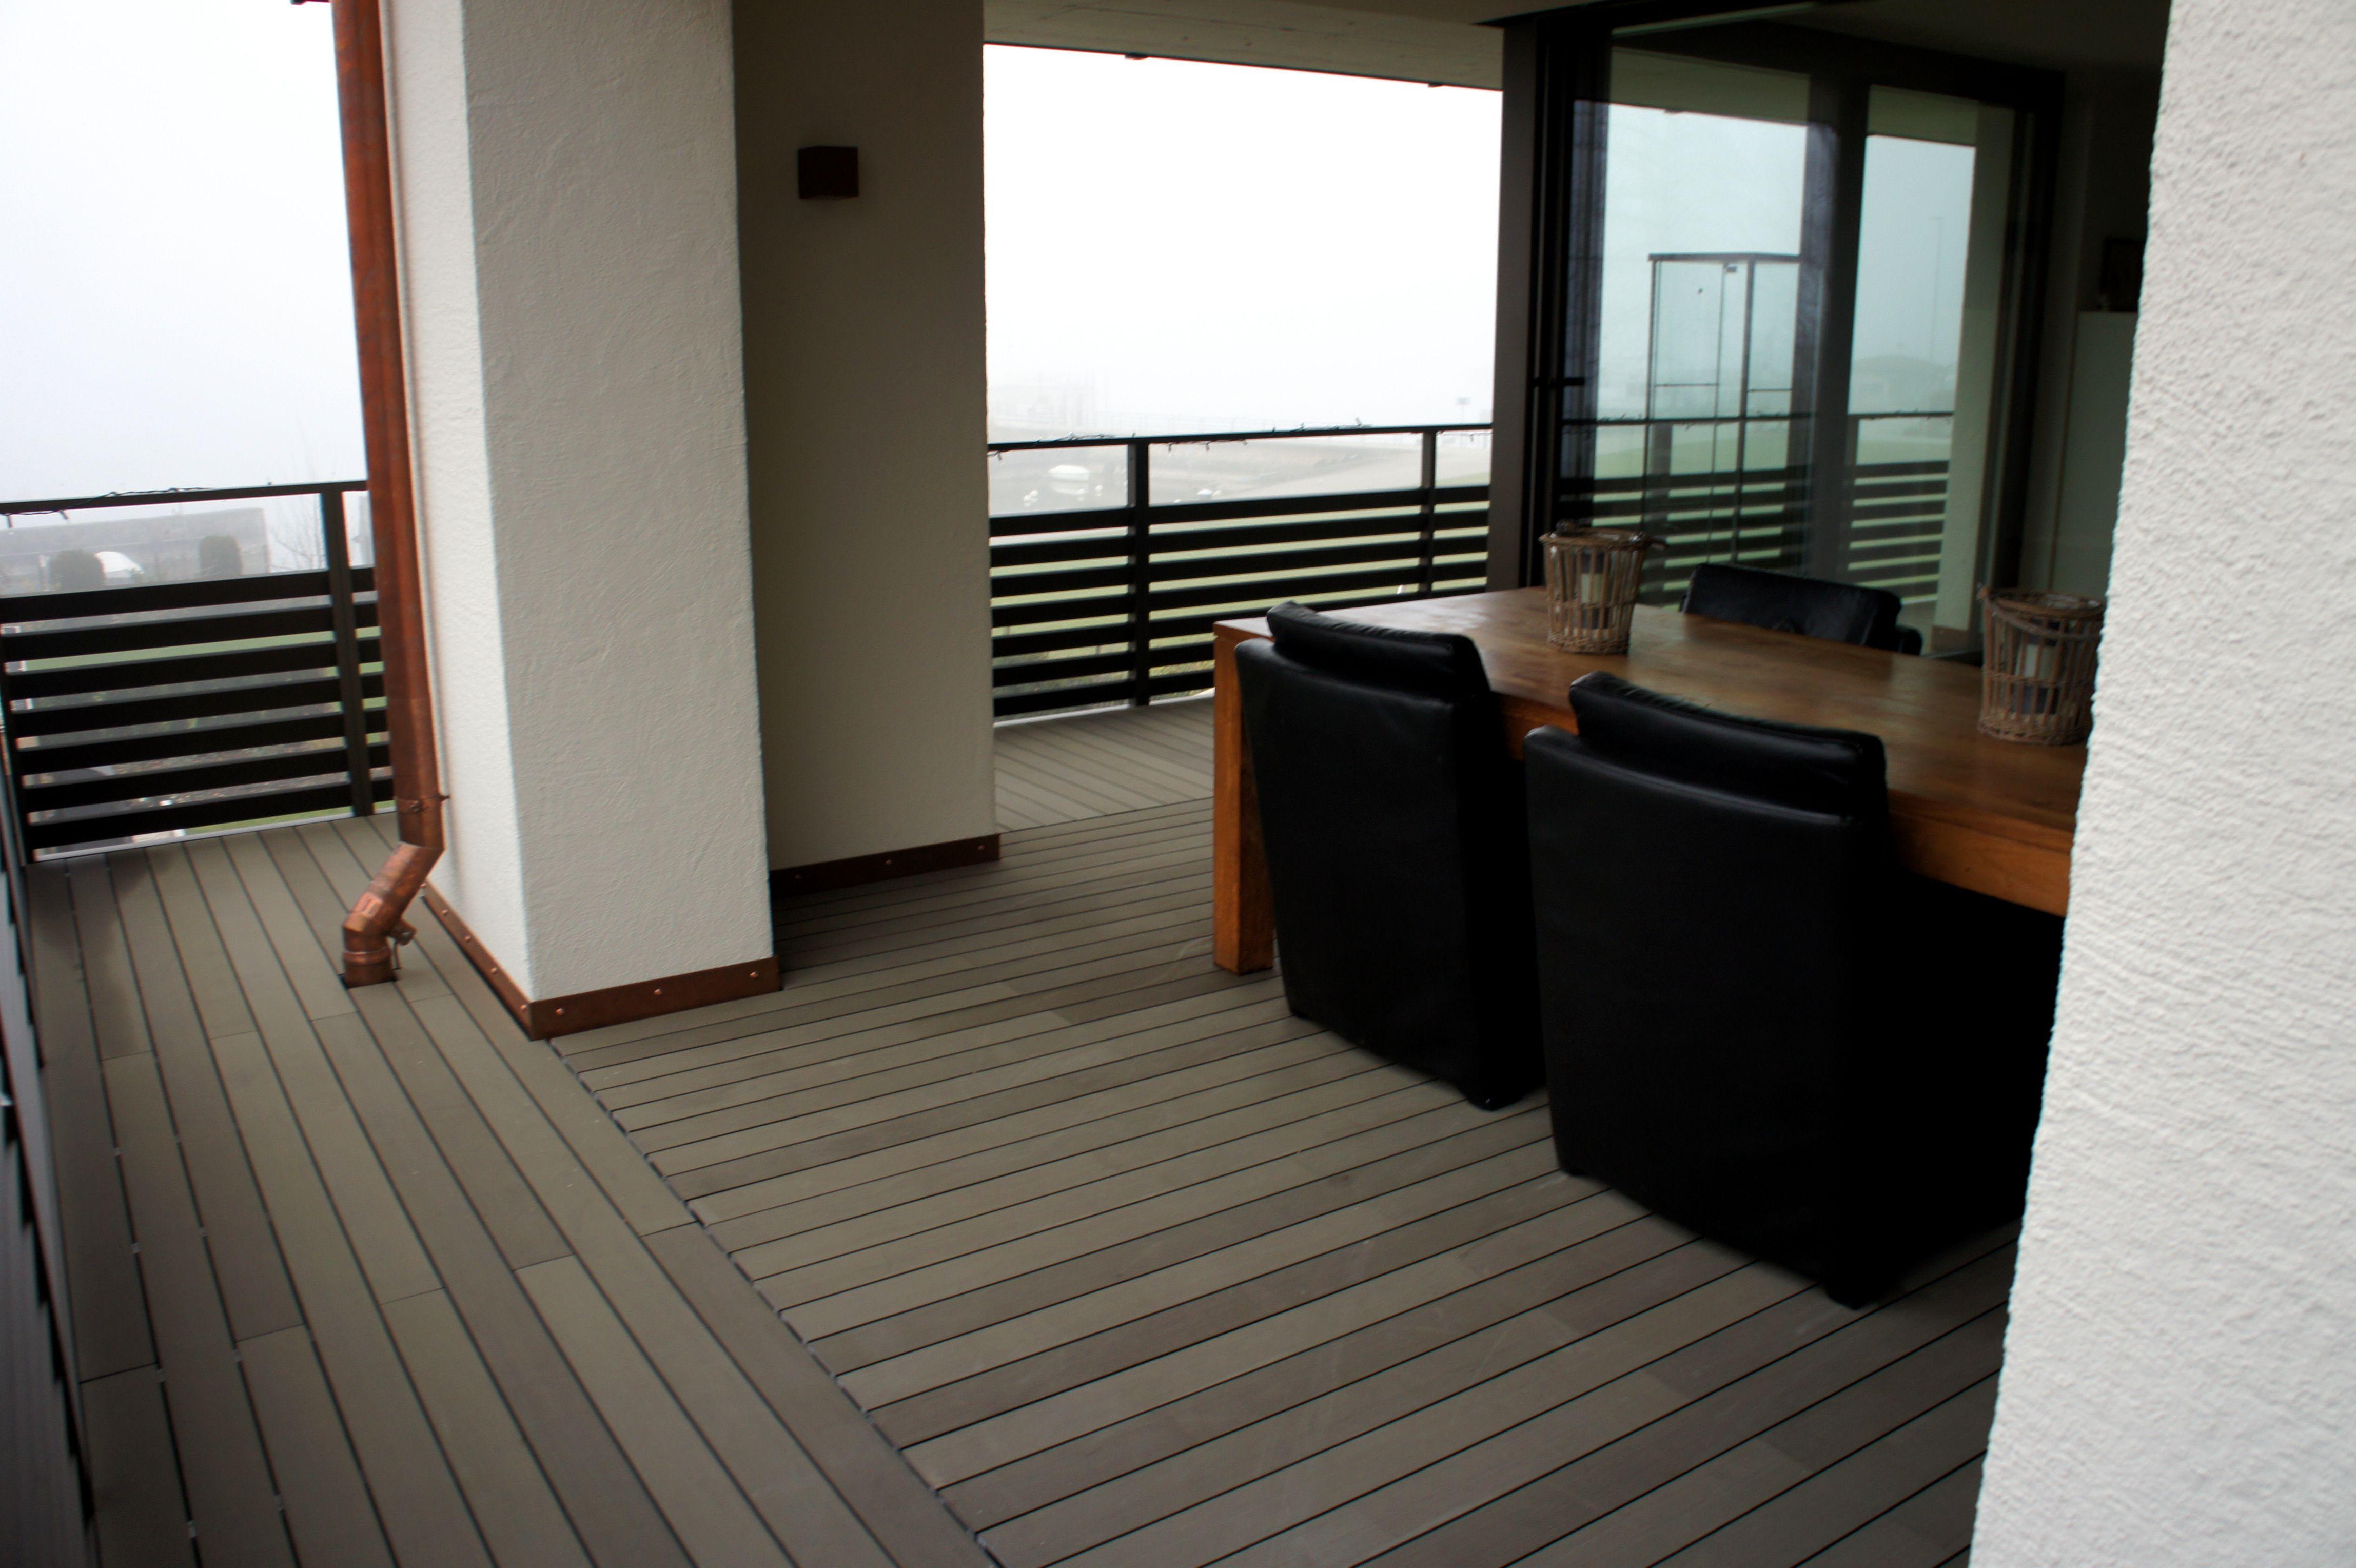 Esthec terrace kunstof vlonder op balkon zeer duurzame oplossing